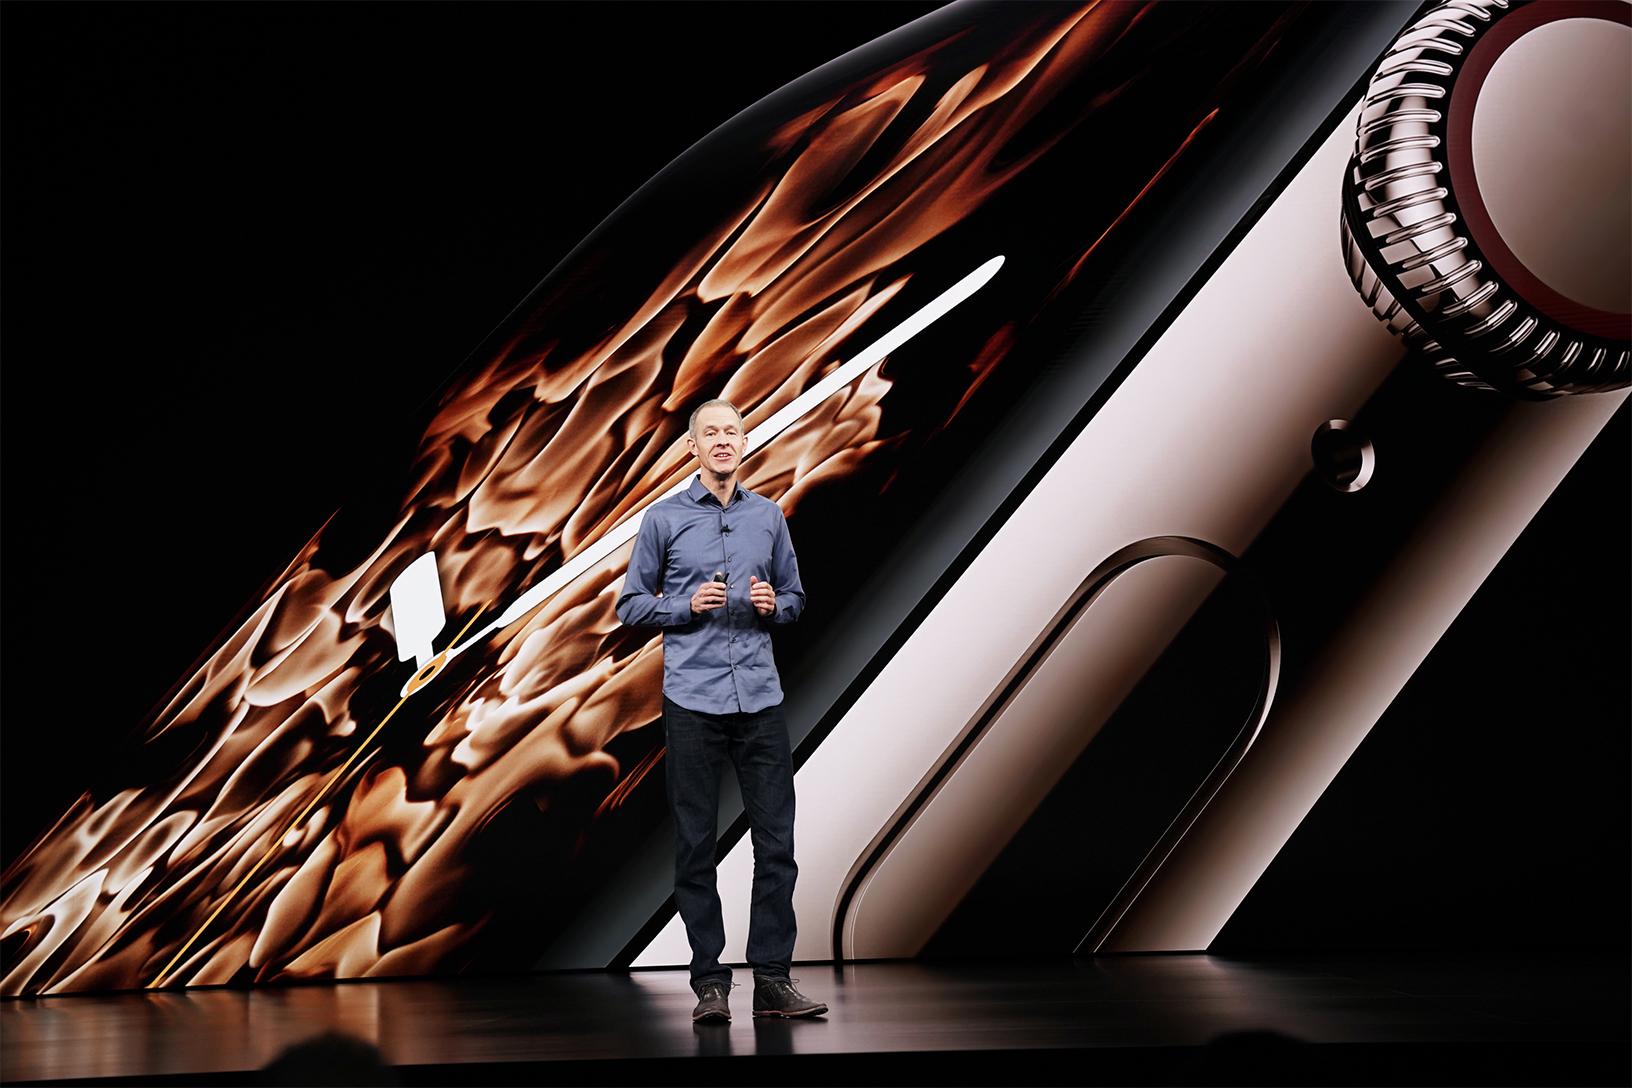 Jeff Williams představuje nové Apple Watch Series 4